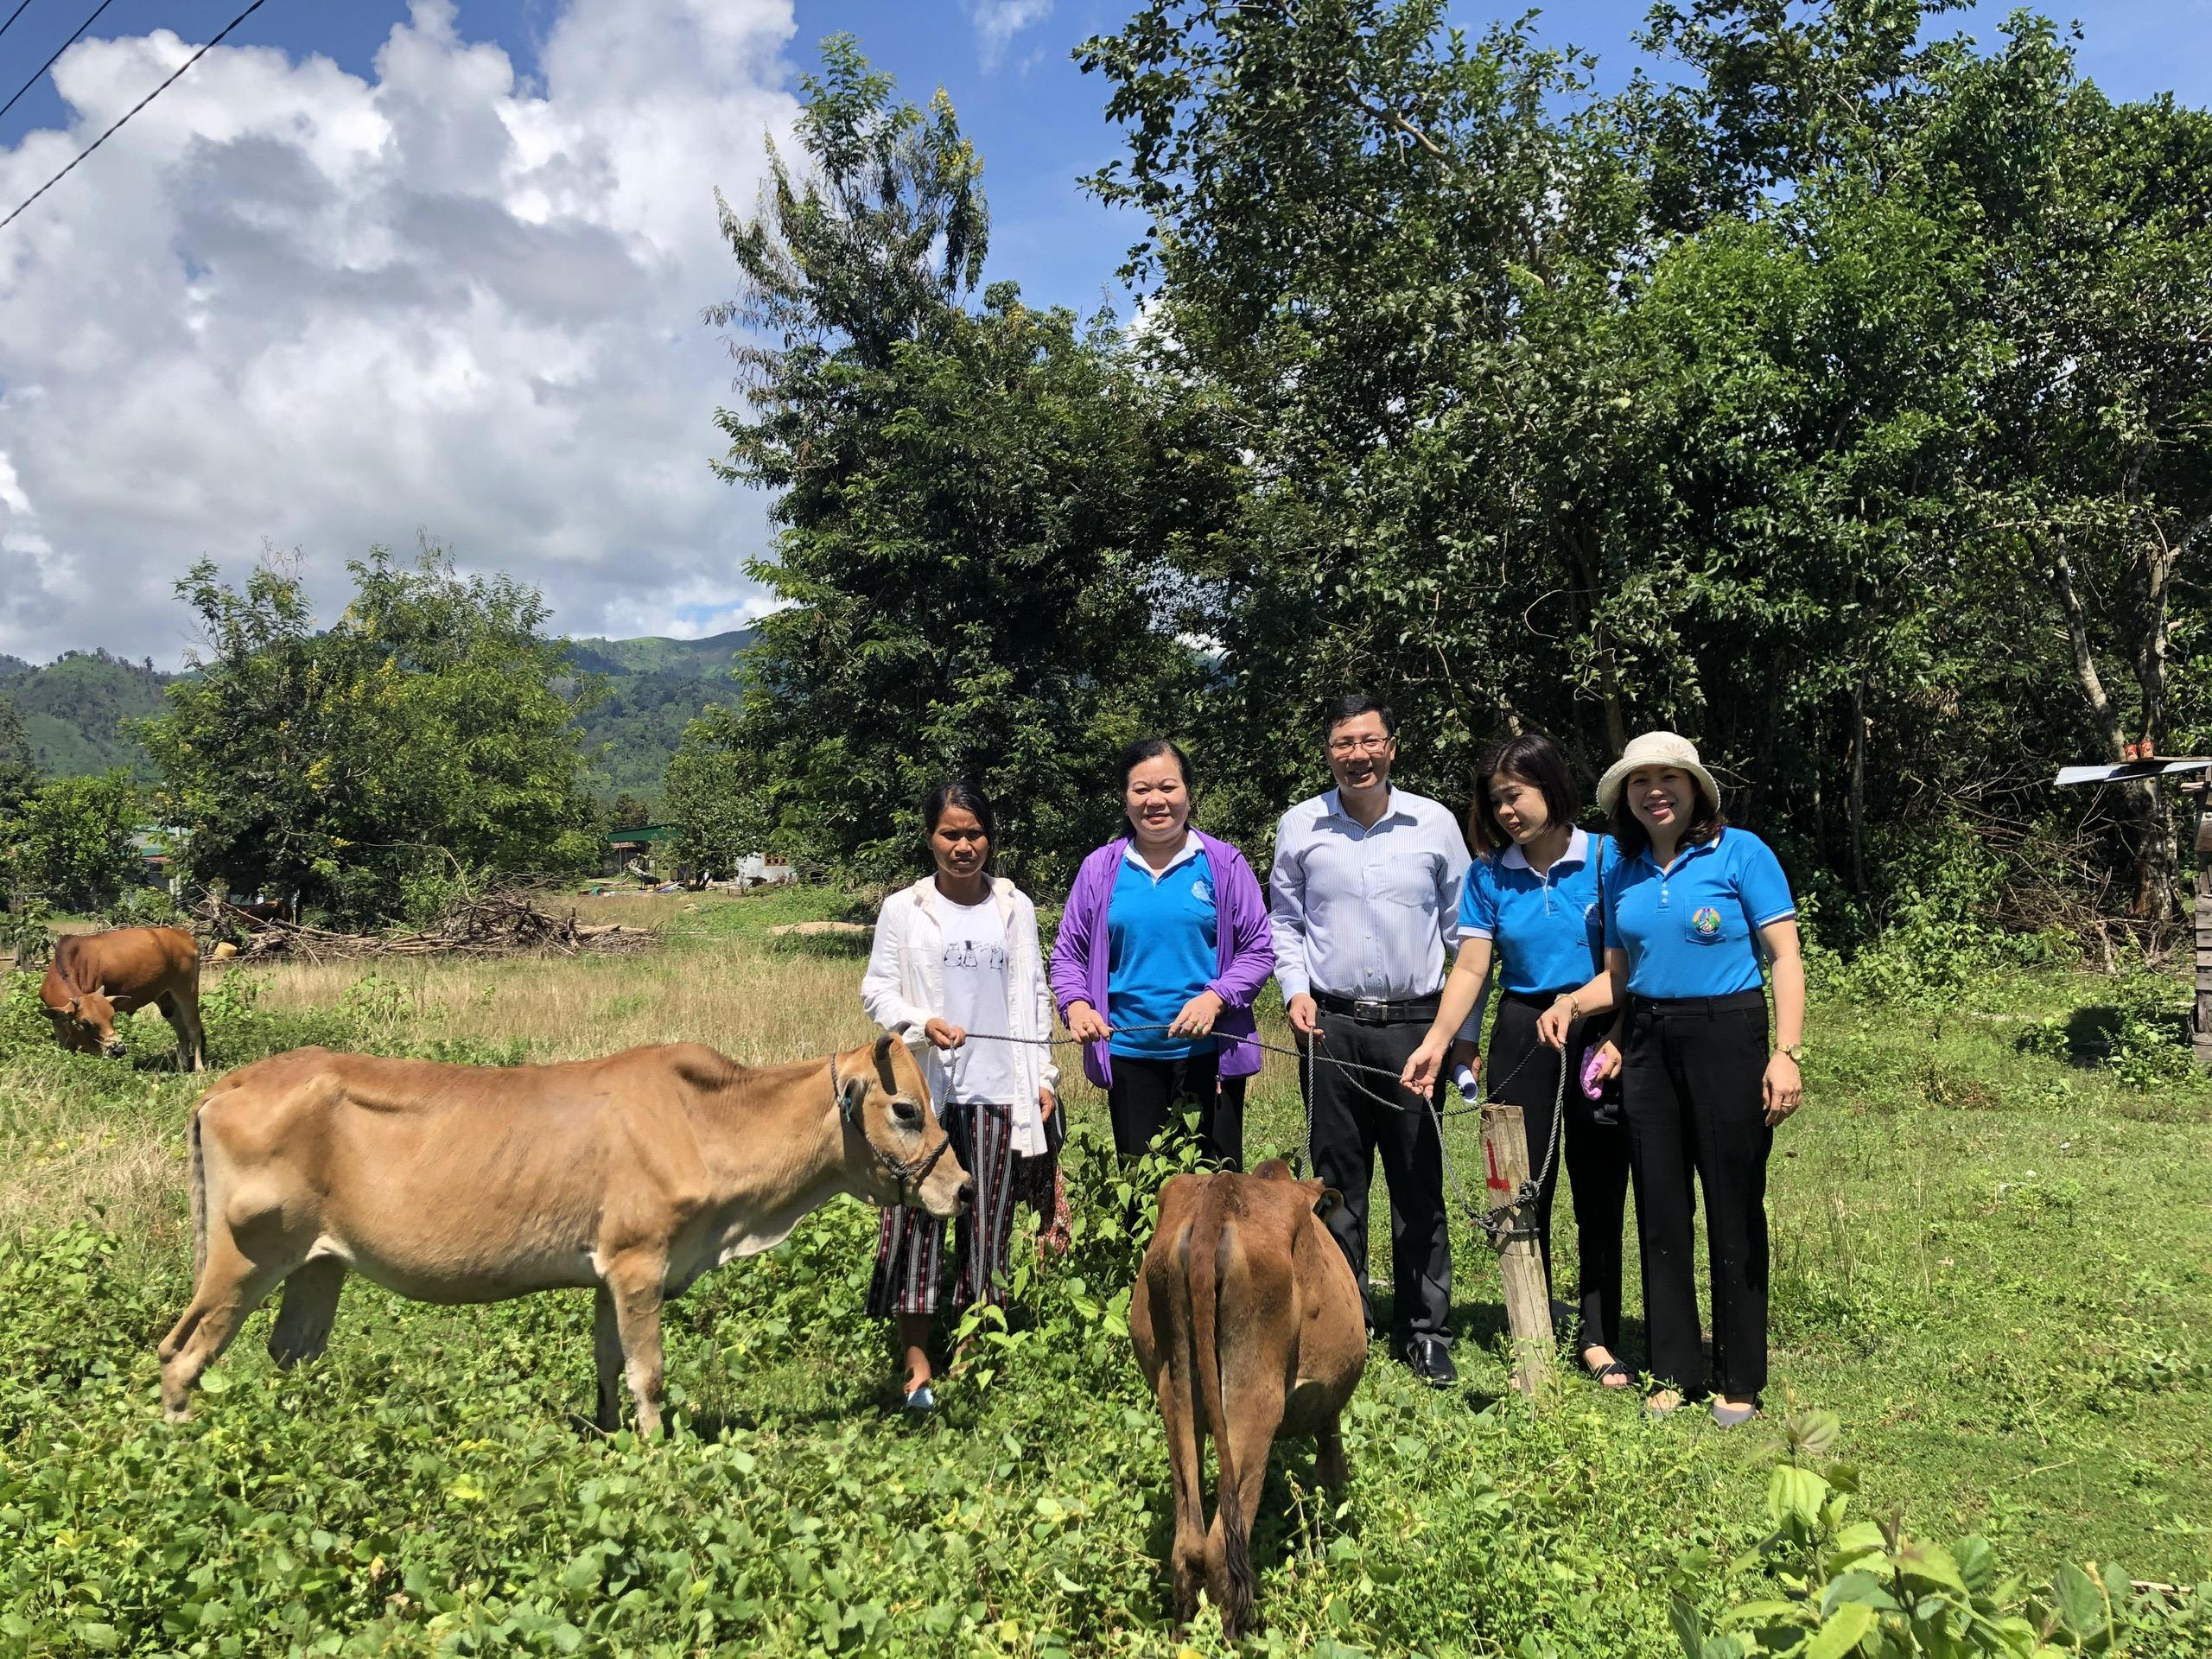 Ra mắt Tổ hợp tác chăn nuôi bò sinh sản của phụ nữ dân tộc Rơ Măm ở Làng Le, xã Mô Rai, huyện Sa Thầy (Tháng 9/2020)